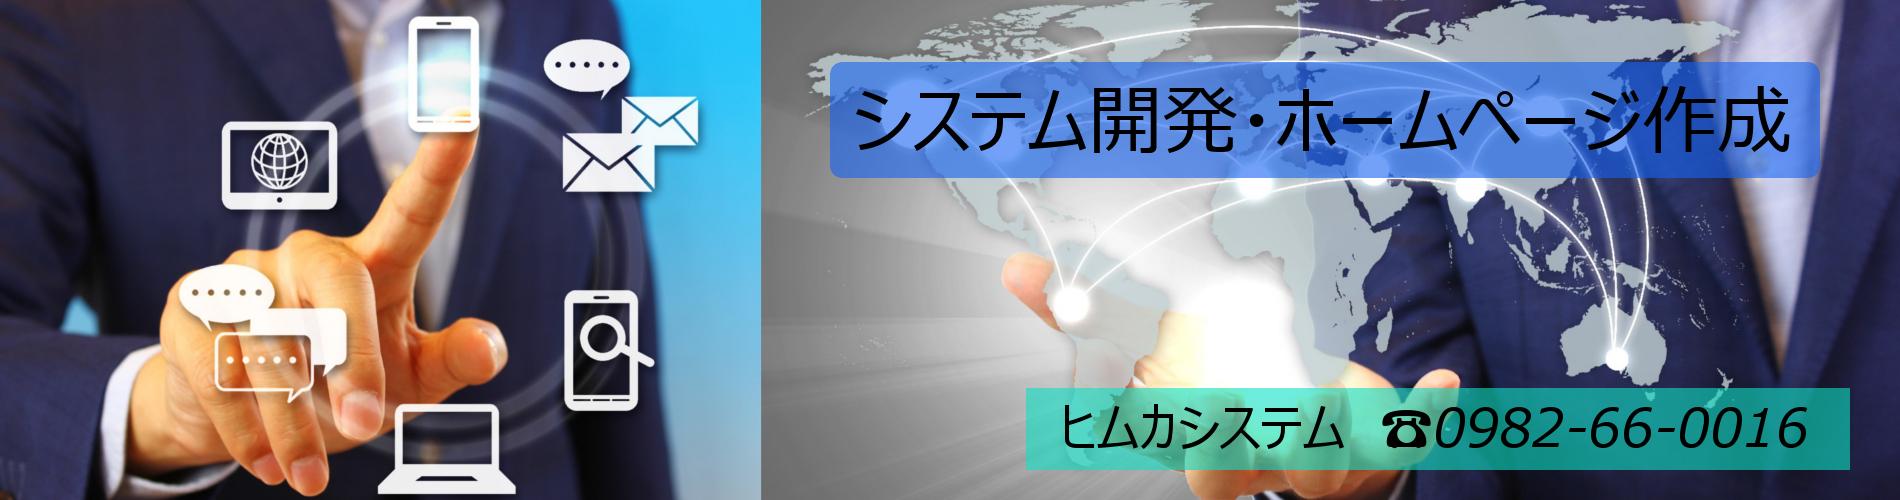 ホームページ作成・システム開発